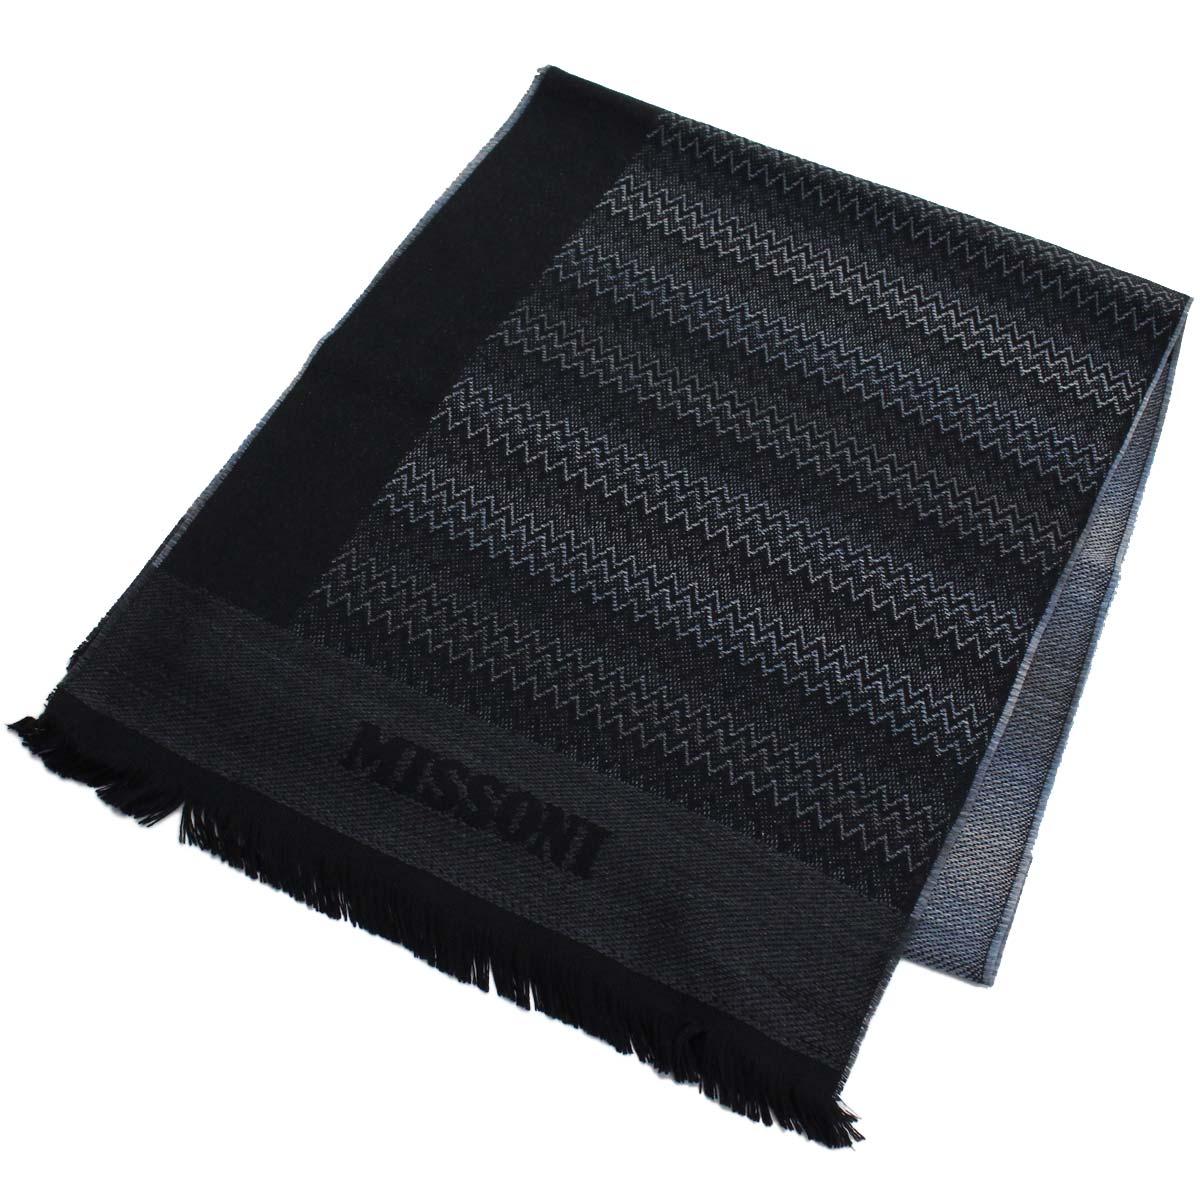 ※ 送料無料 ラッピング無料 ミッソーニ 商品 MISSONI ウール マフラー warm-01 買取 0833 レディース 4 メンズ マルチカラー ブラック